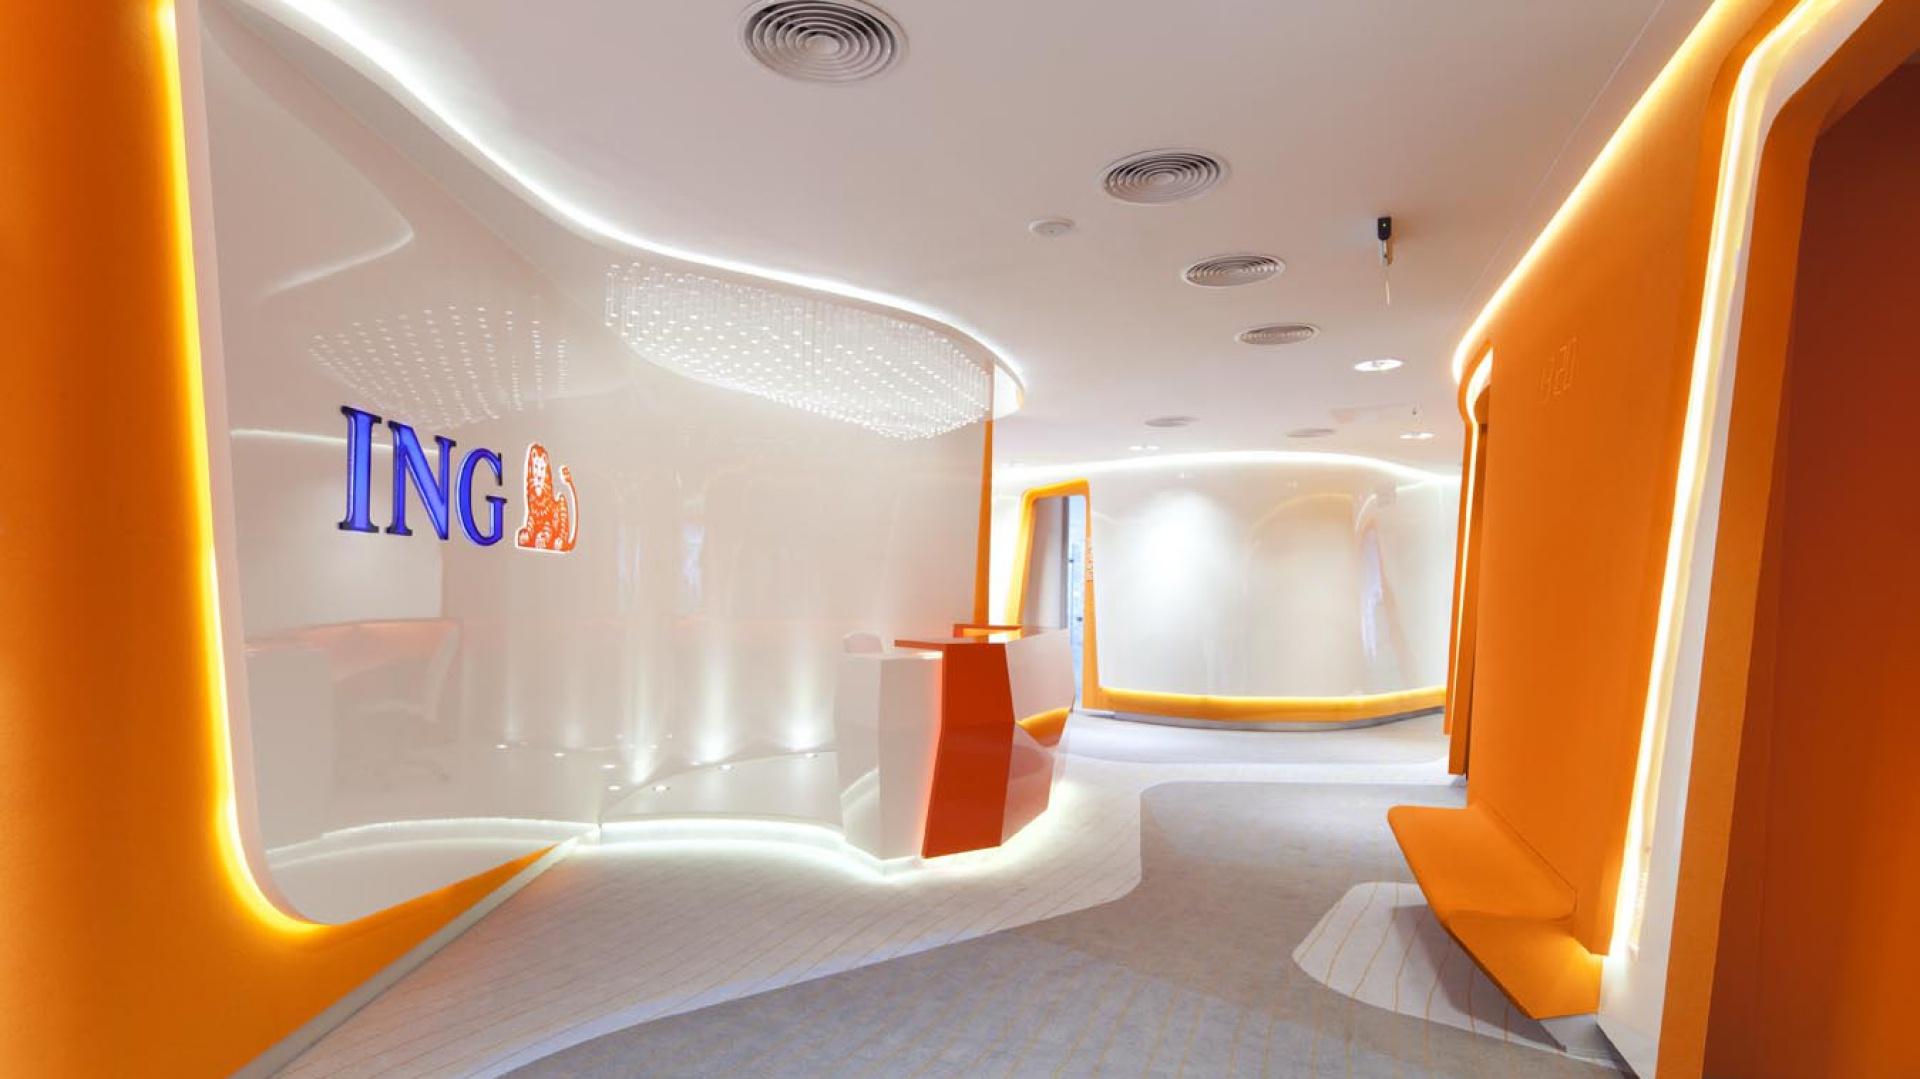 Kolorystyka wnętrza to przede wszystkim korporacyjne kolory ING. Fot. Olo Studio